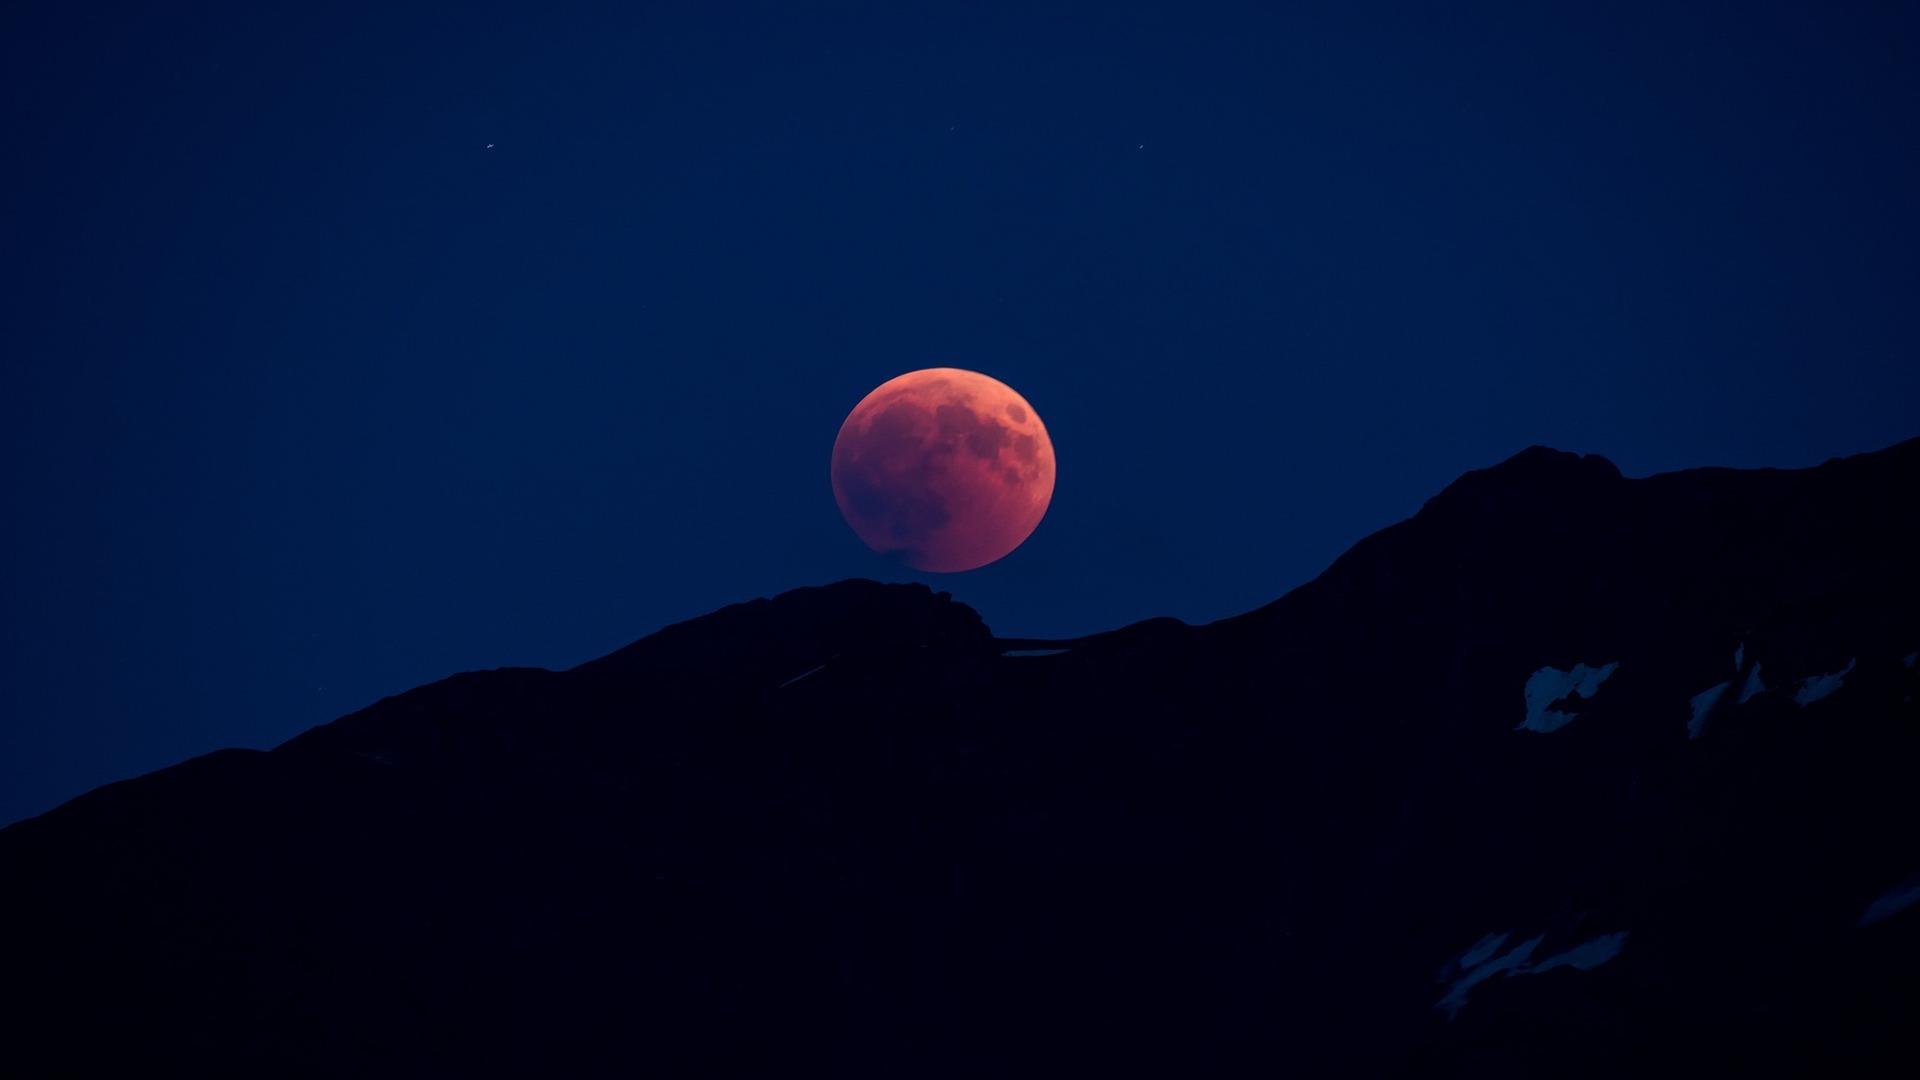 La Luna de Sangre y las advertencias del fin del mundo1920